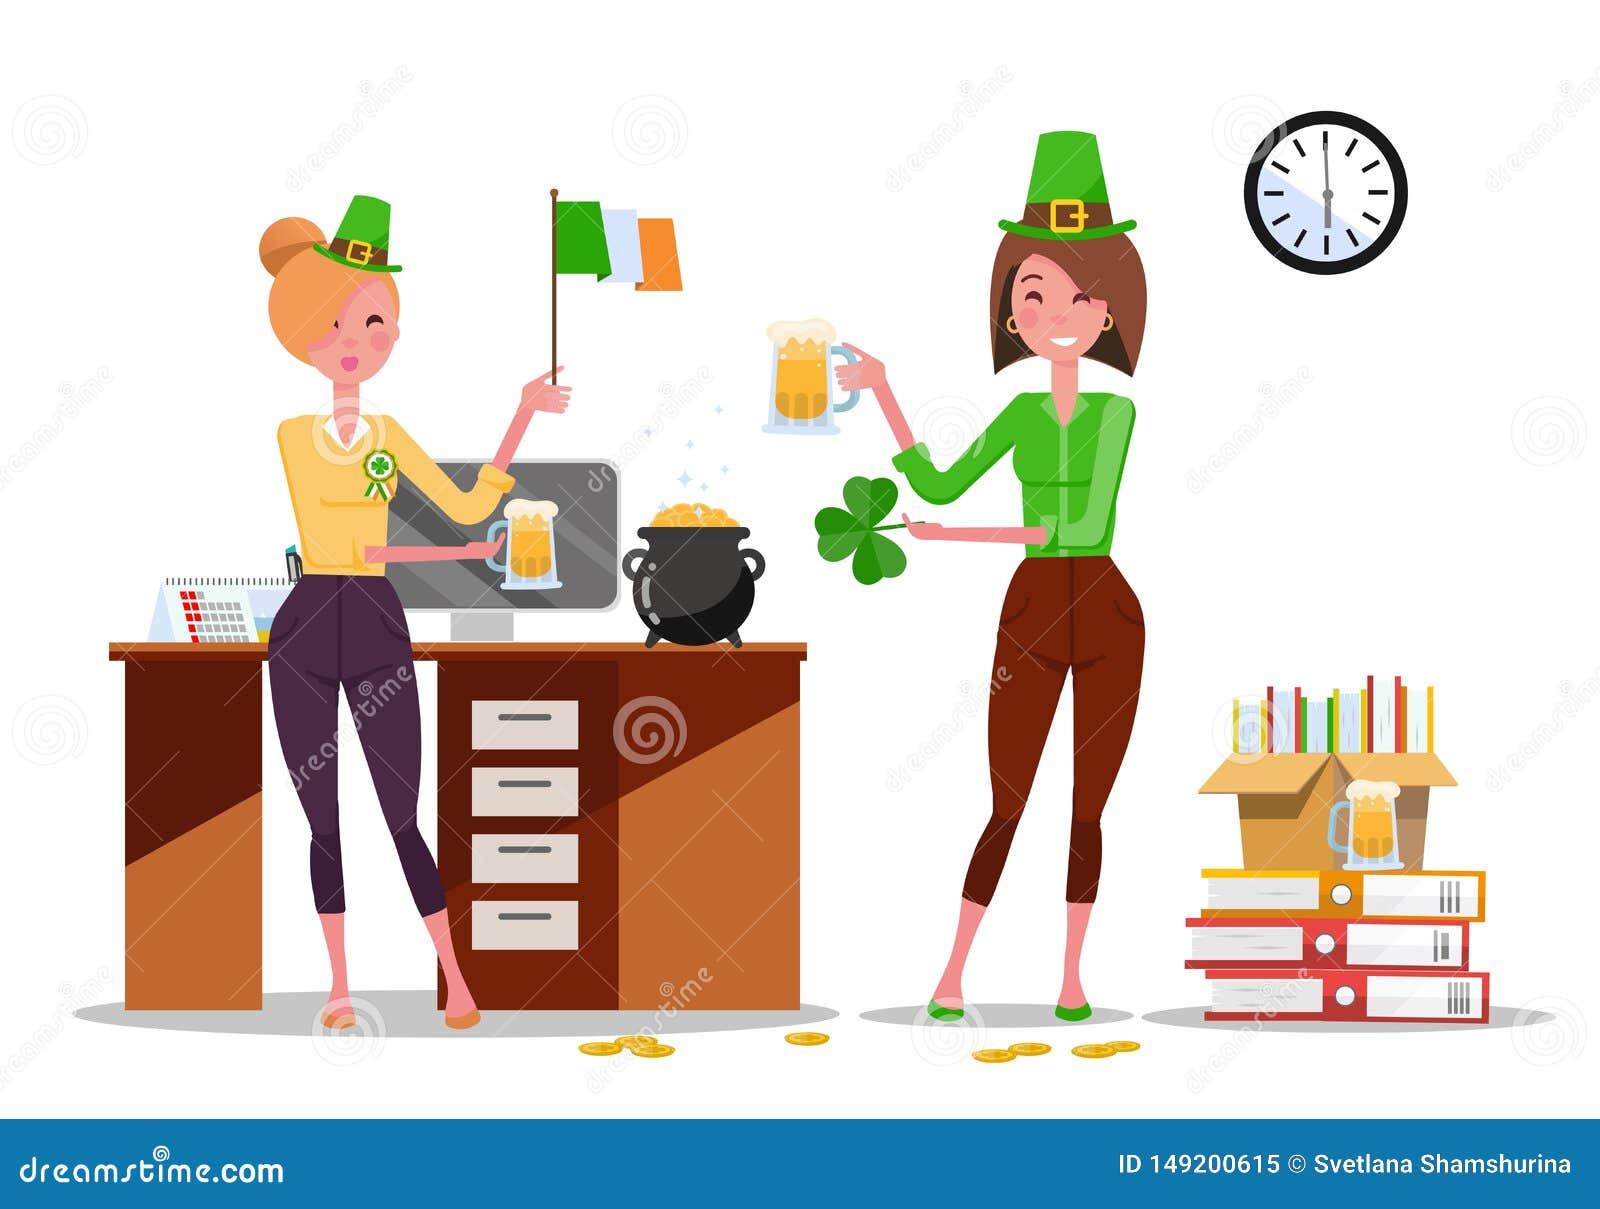 Dwa m?oda kobieta urz?dnika ?wi?tuj? St Patrick dzie? przy miejsce pracy z piwnymi kubkami, Irlandia flaga w r?kach stosy papier?